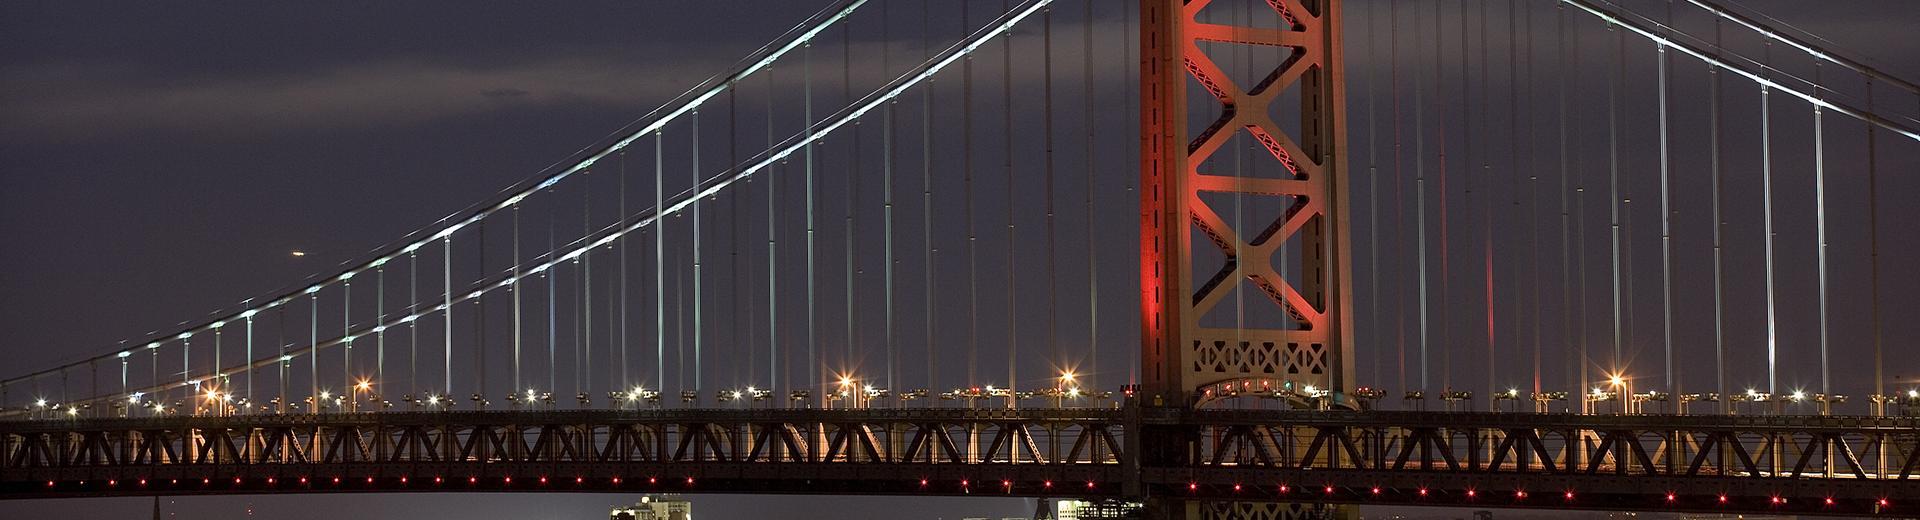 Benjamin Franklin bridge at night in Philadelphia